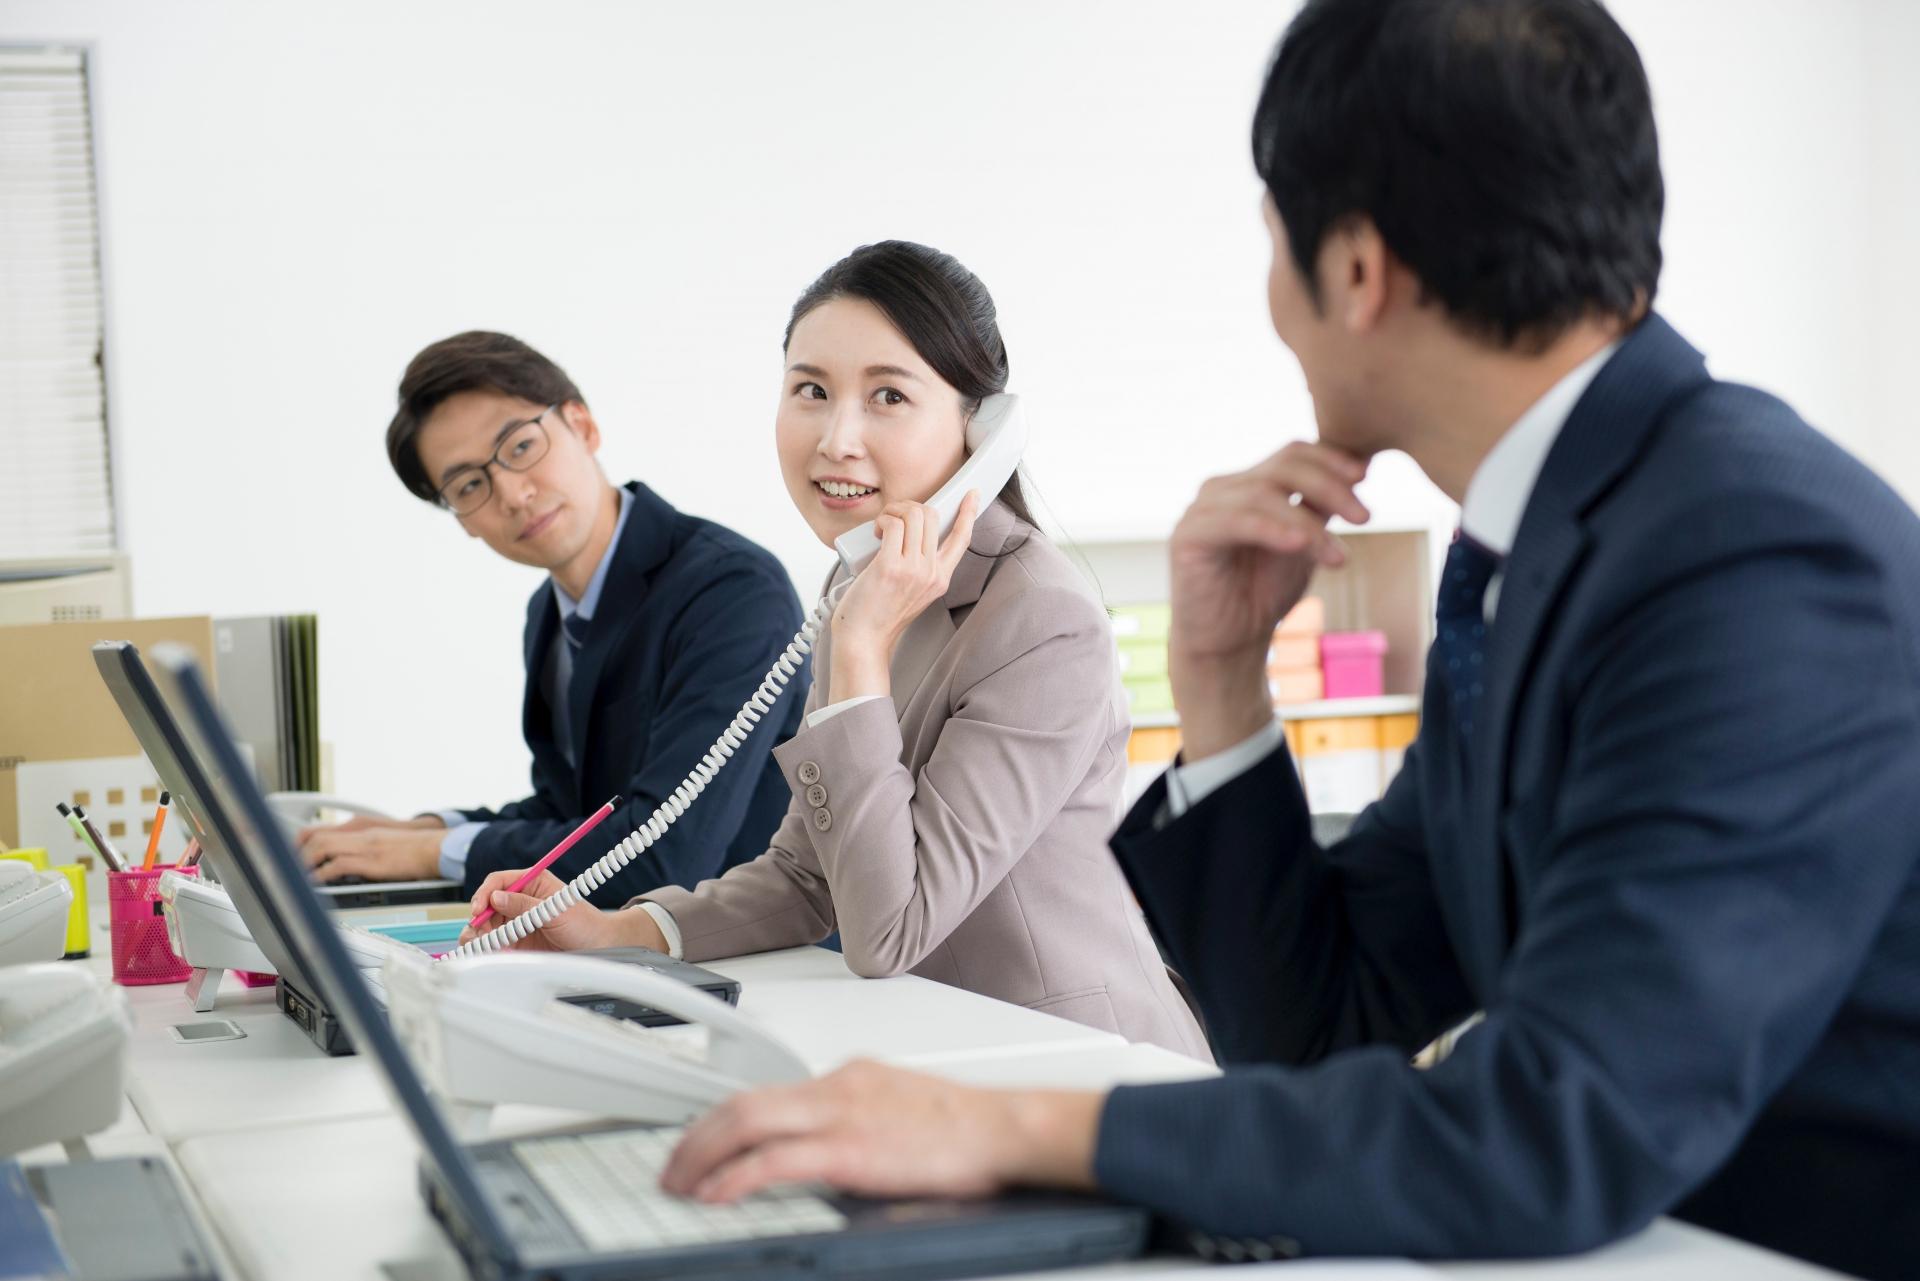 業務改善の今すぐできるアイデア4選_オフィス